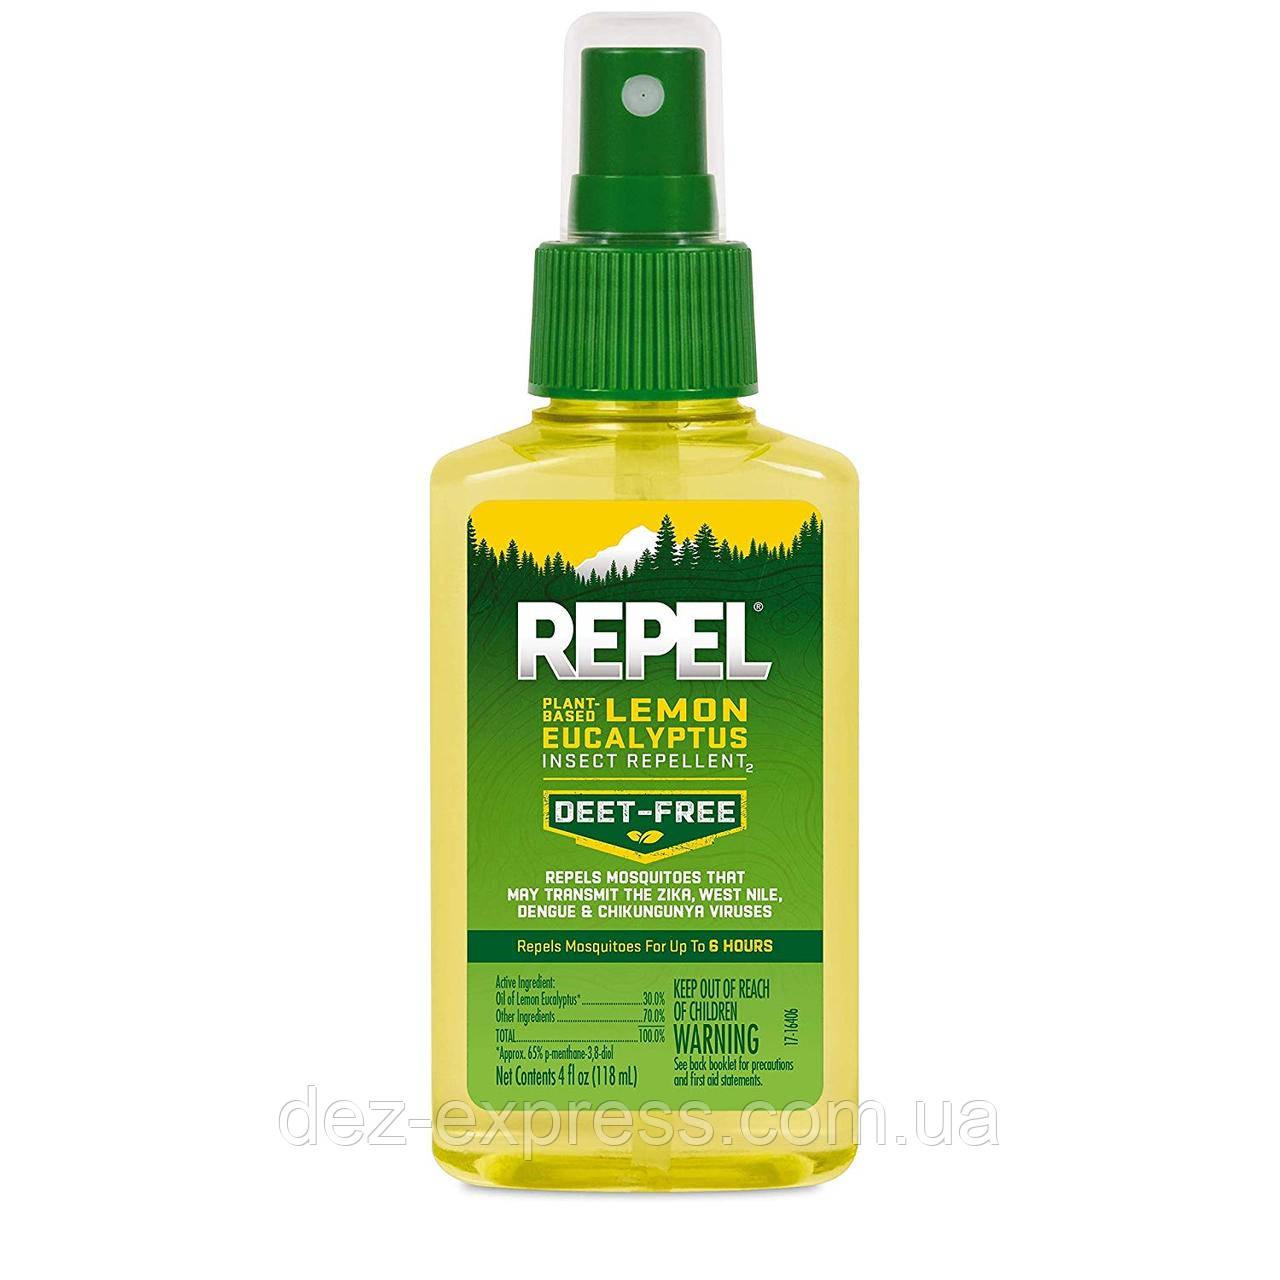 Спрей от комаров REPEL Lemon Eucalyptus Repellent 30%. Сделано в US.